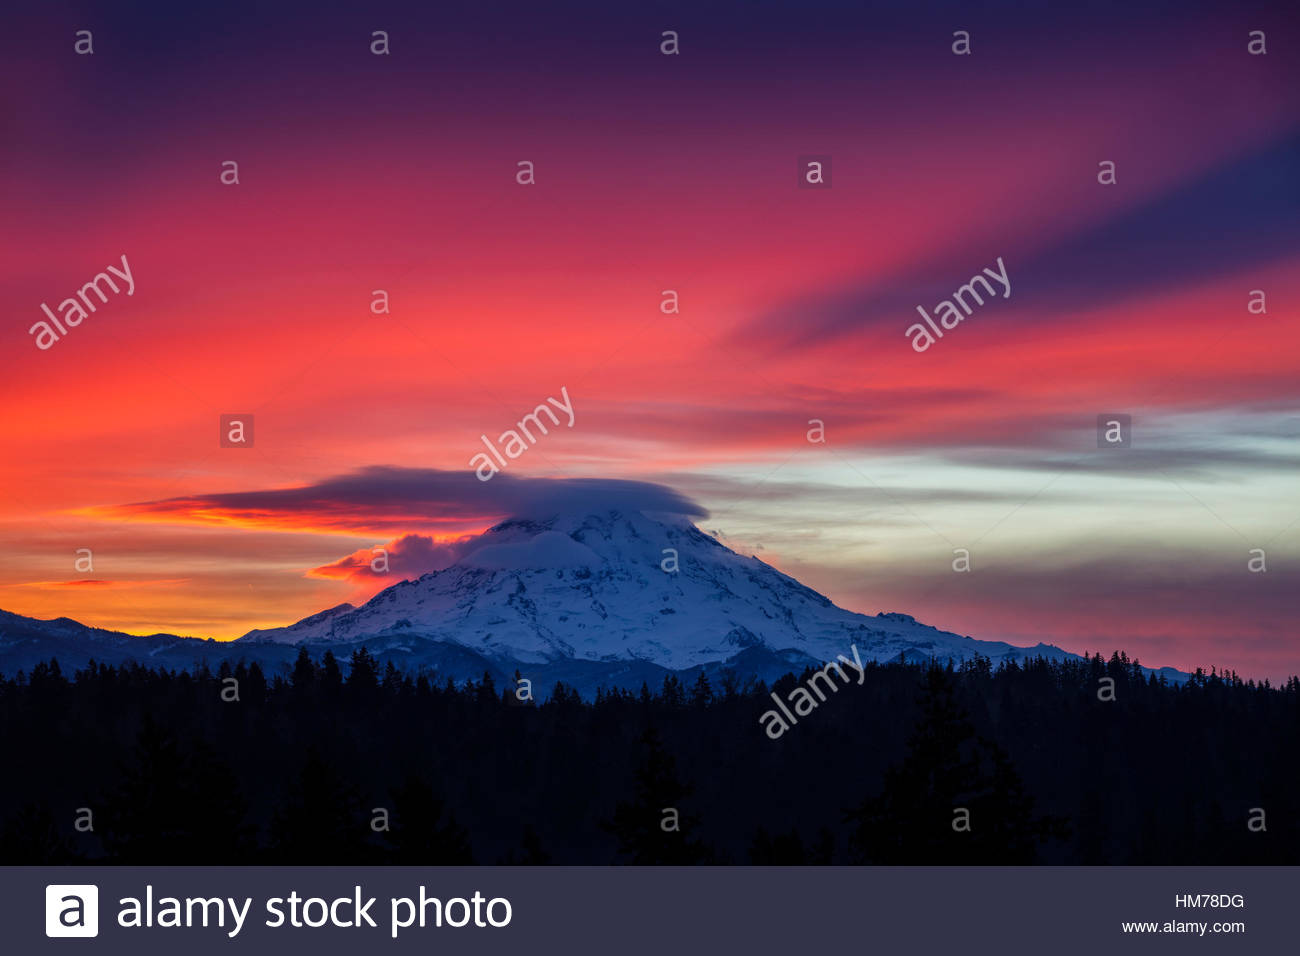 Al amanecer, el Monte Rainier proyecta su propia sombra sobre una capa de nubes cirrostratus en esta vista del lago Imagen De Stock